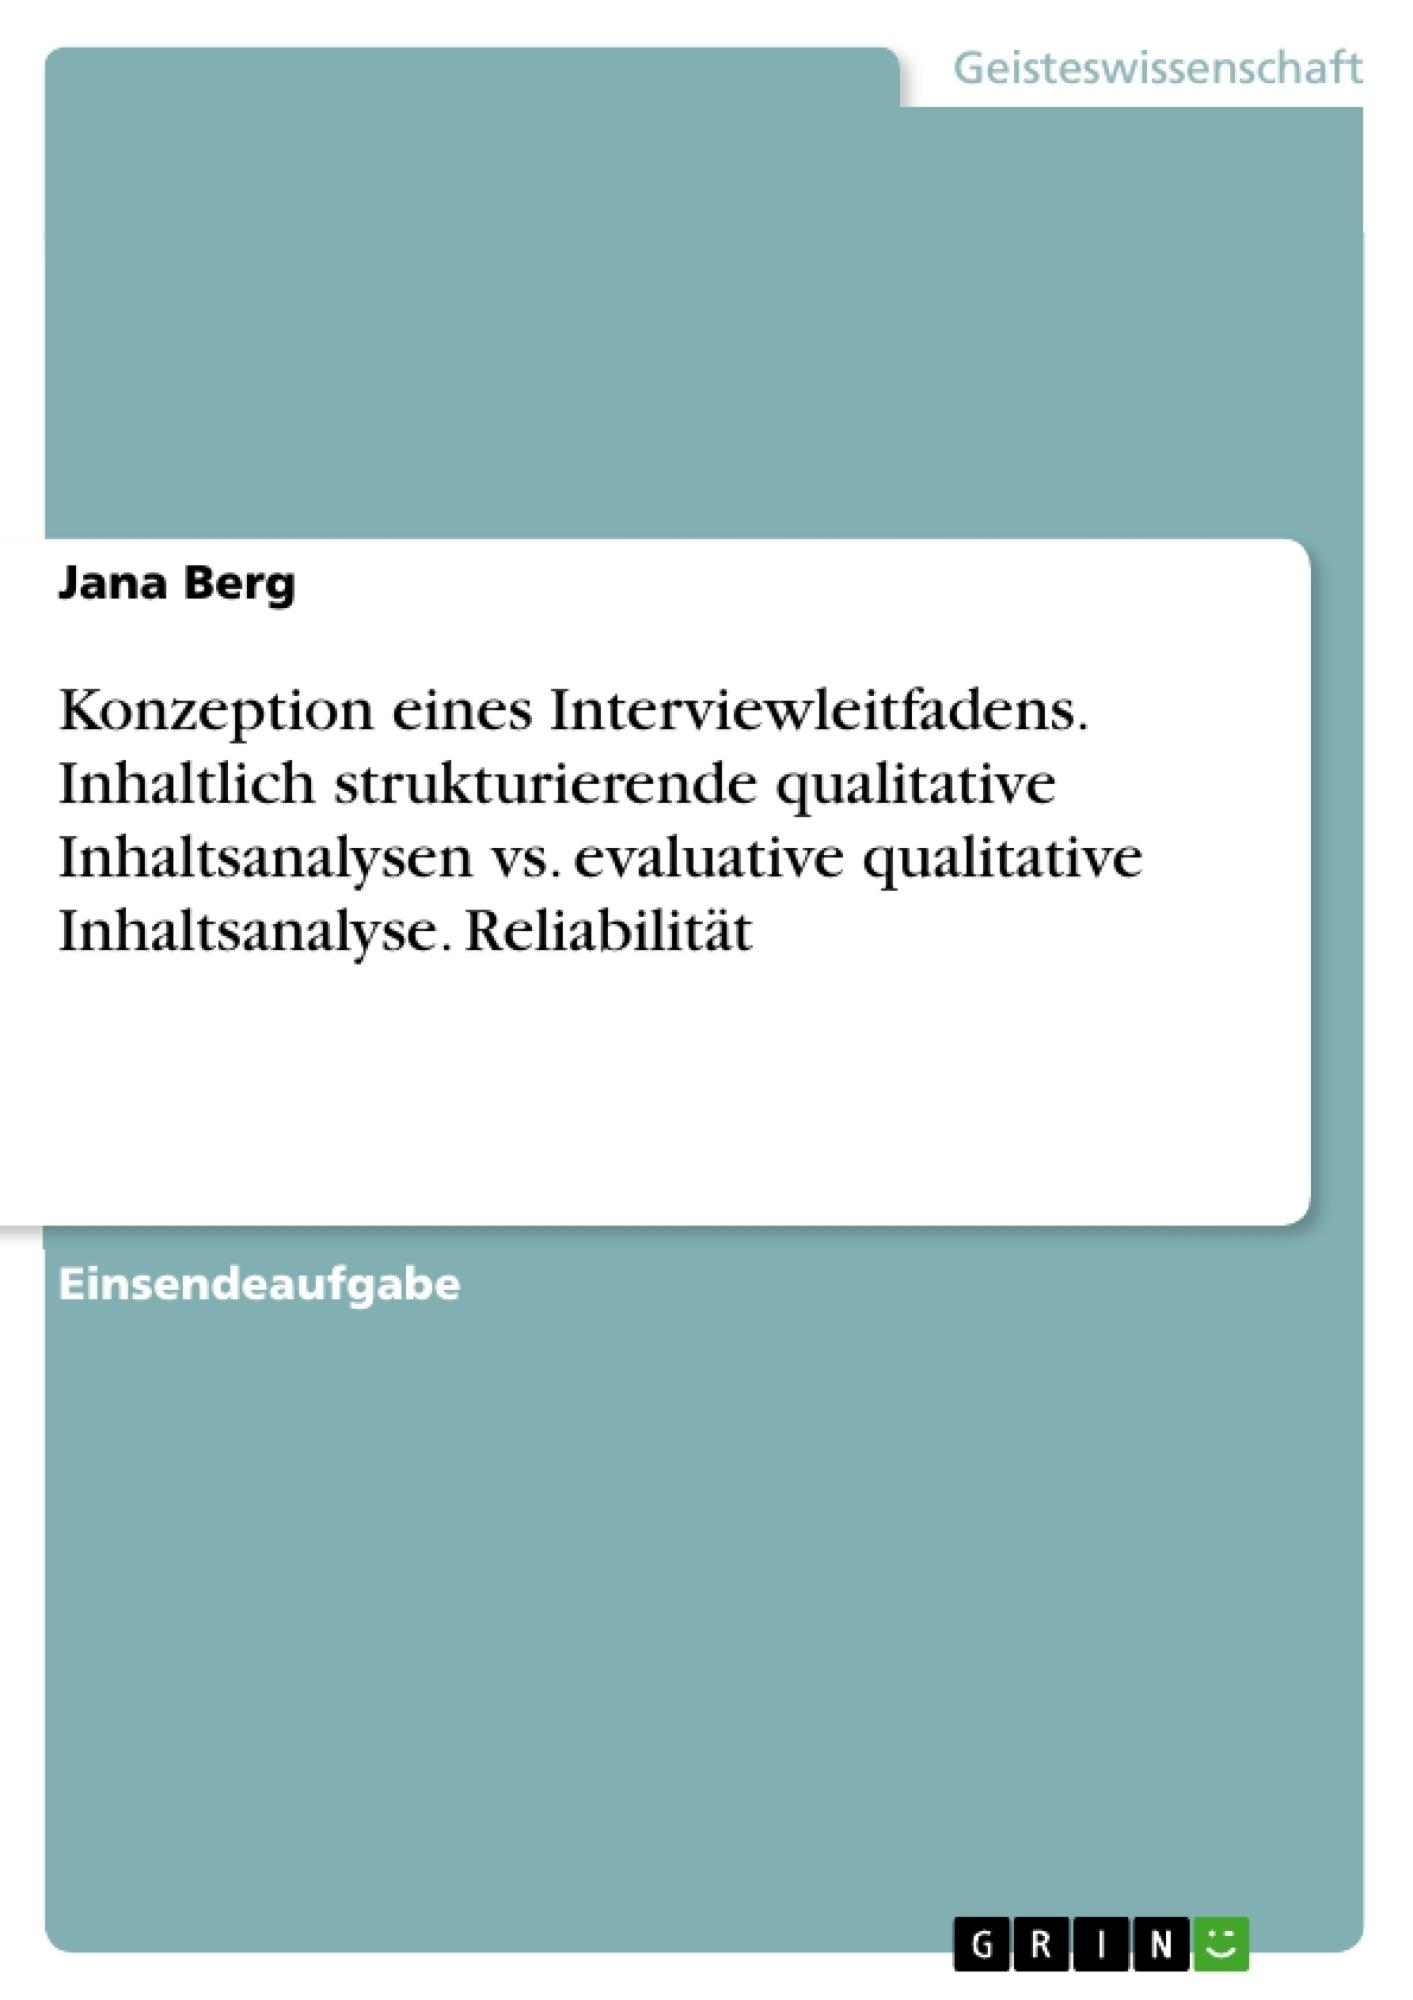 Titel: Konzeption eines Interviewleitfadens. Inhaltlich strukturierende qualitative Inhaltsanalysen vs. evaluative qualitative Inhaltsanalyse. Reliabilität